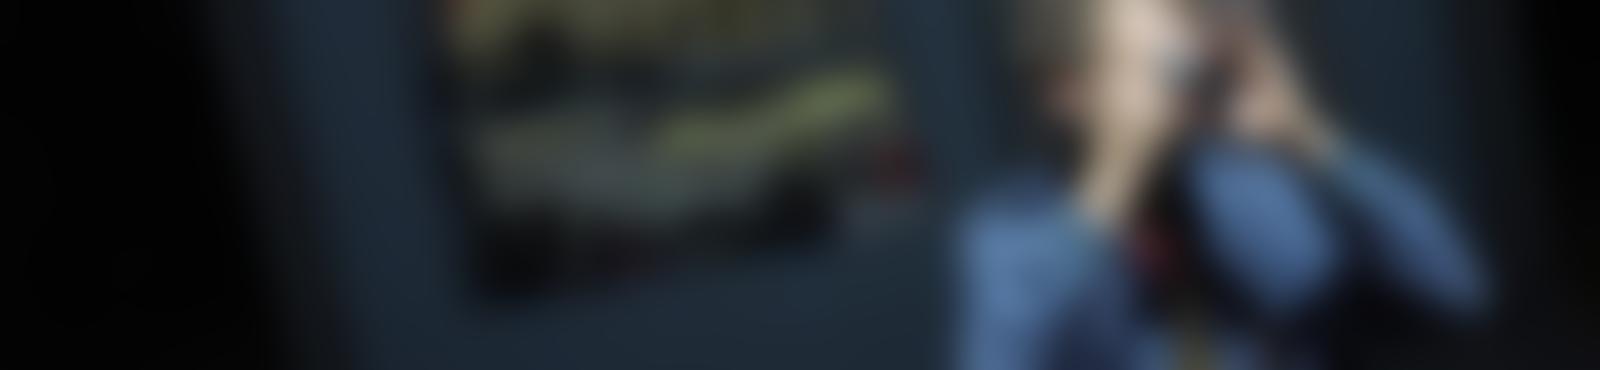 Blurred 8a903e8a 8cf0 49be 900d 4680f75e50af